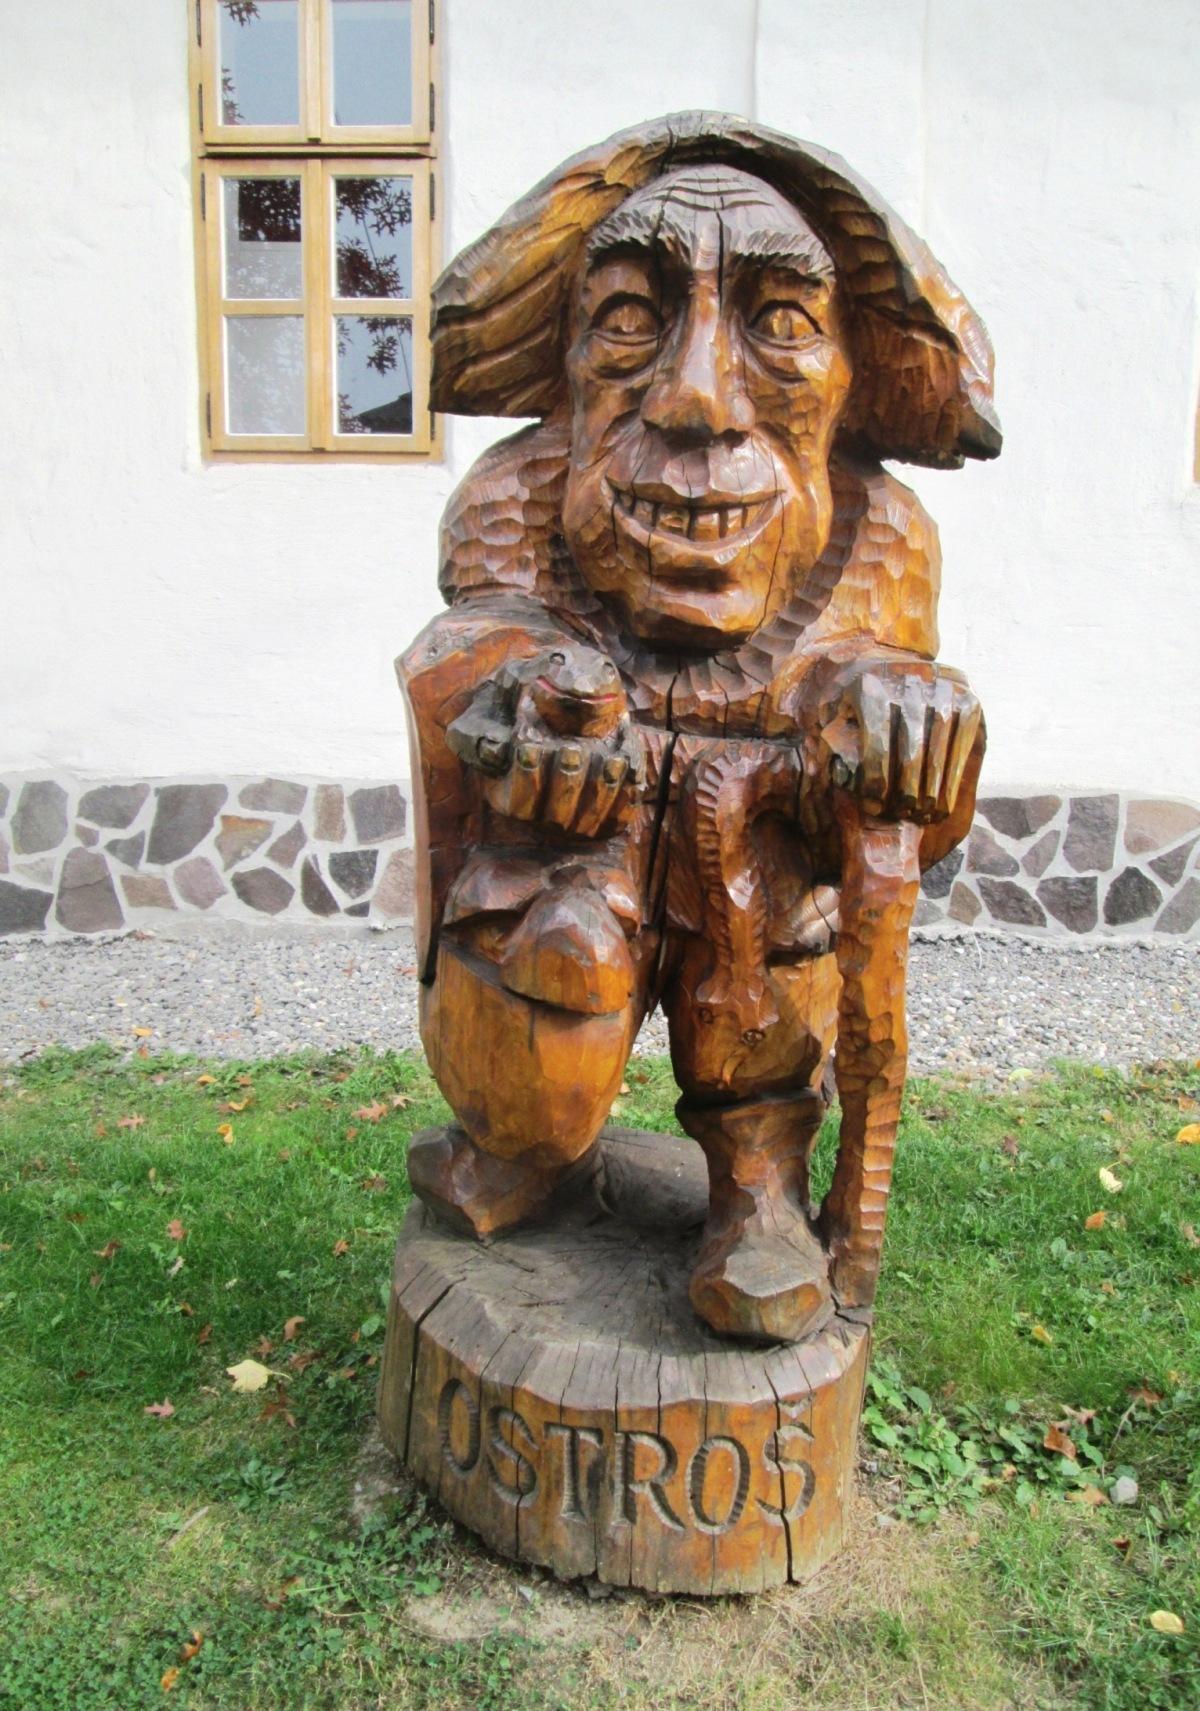 2. Gnome